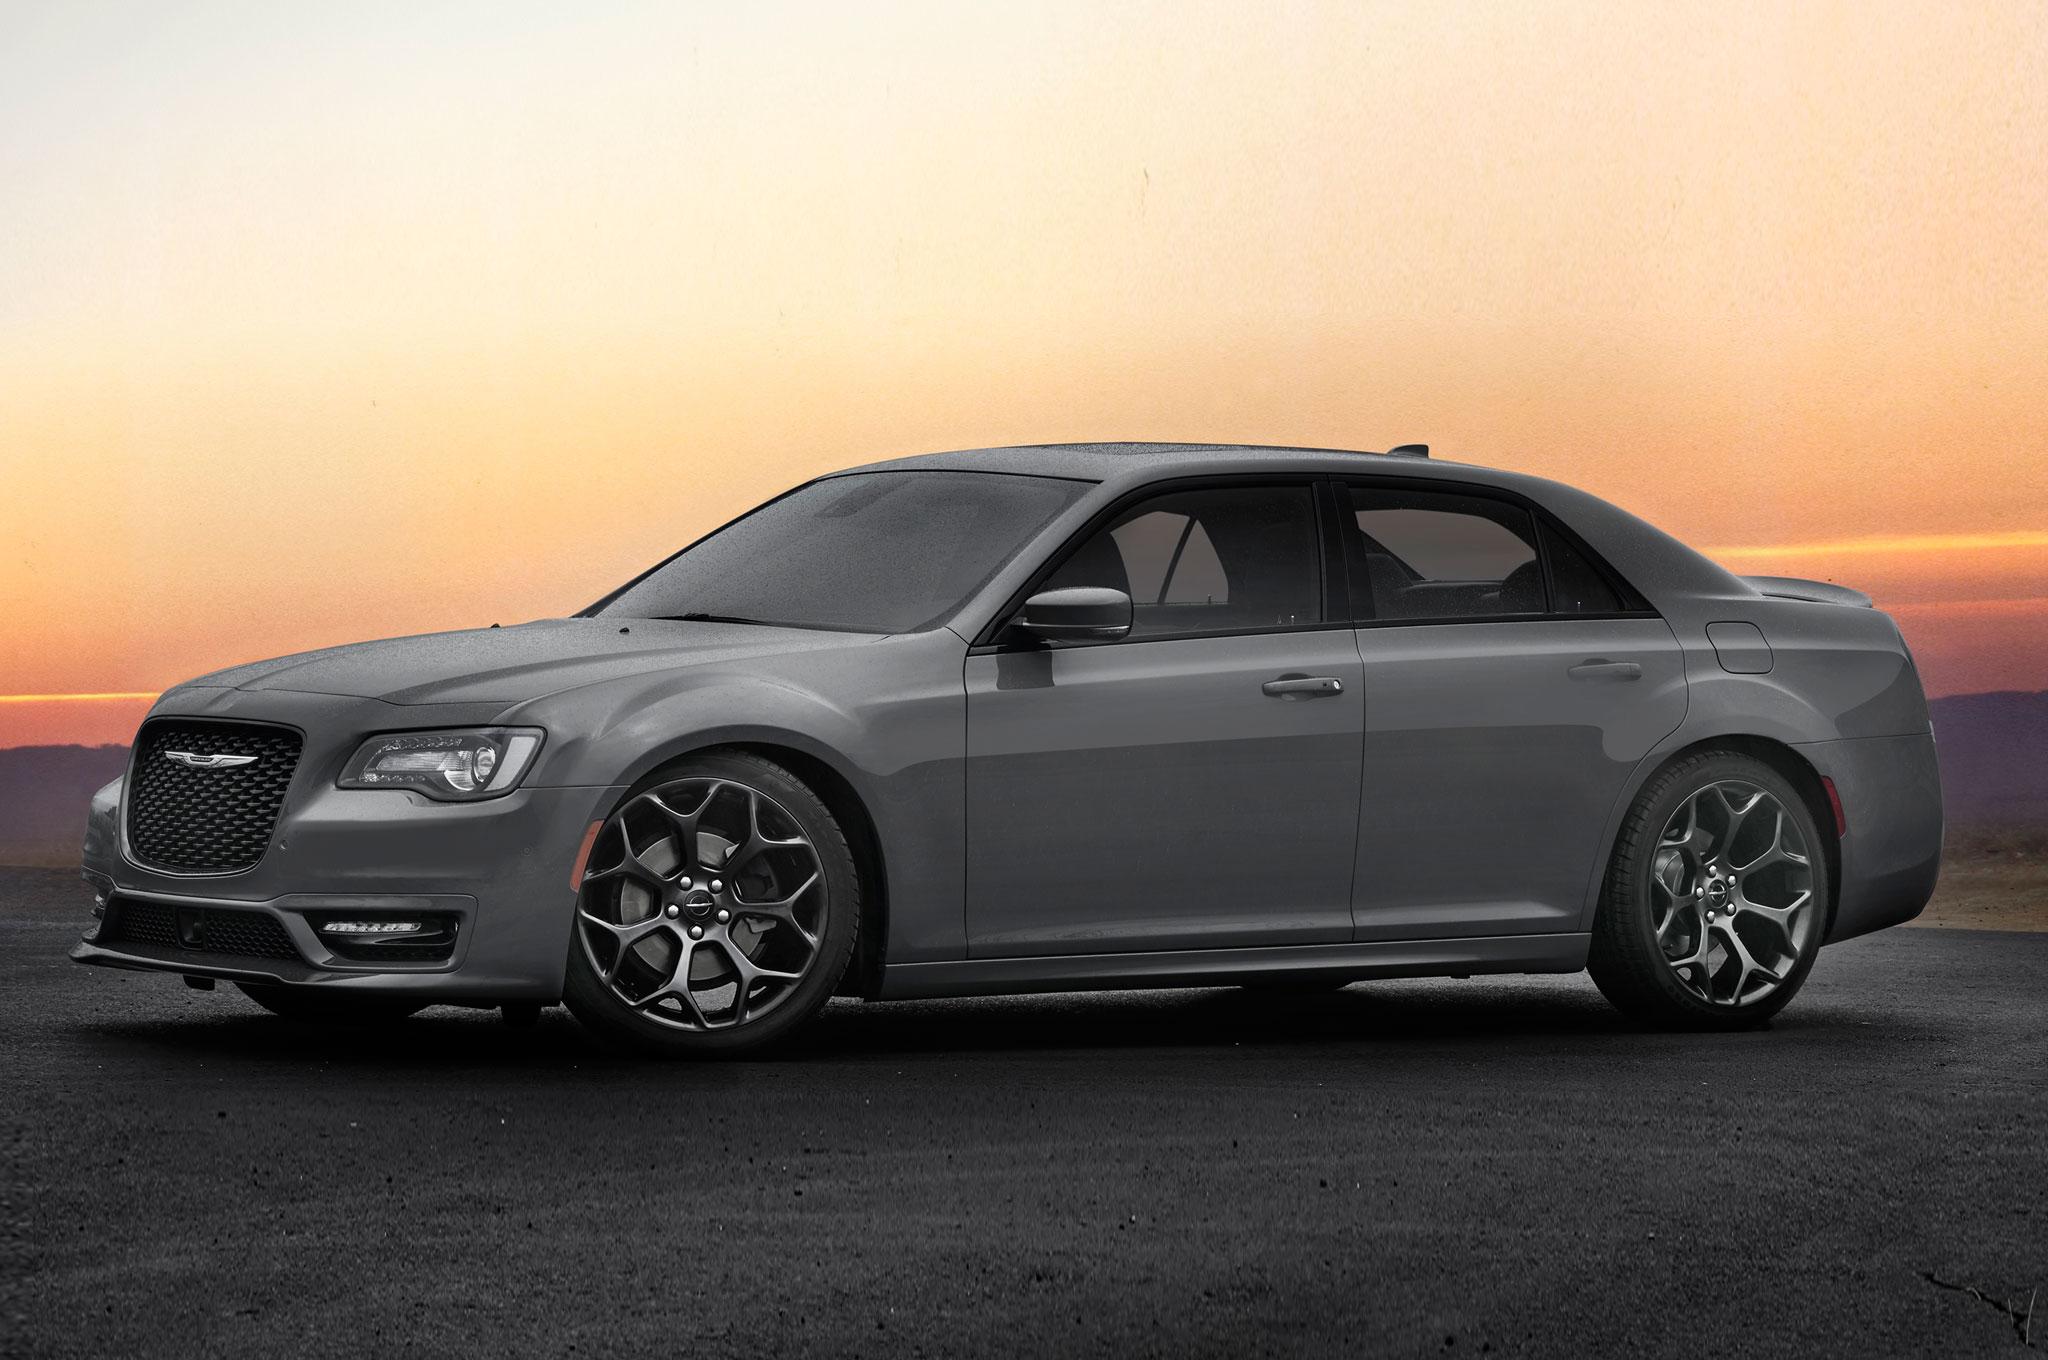 Chrysler 300 Mpg >> 2017 Chrysler 300 Mpg Cars News World